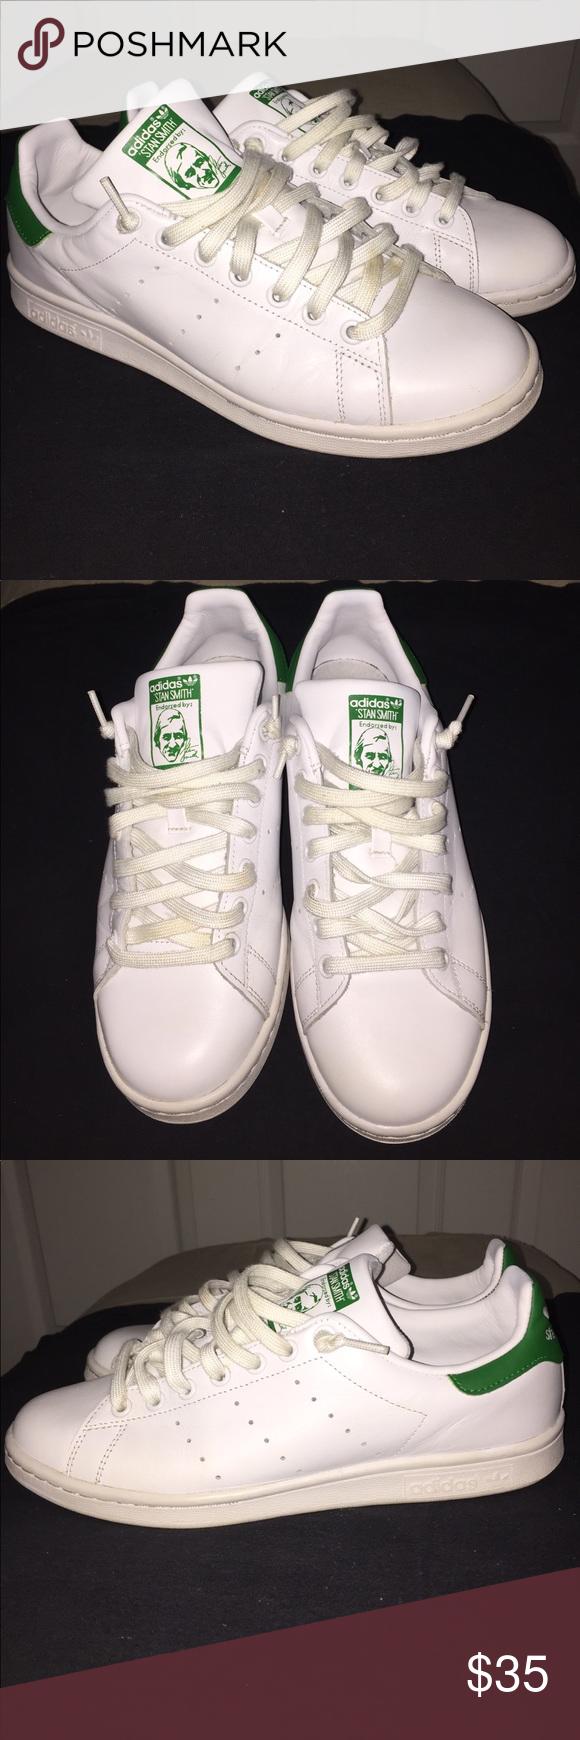 online store f8edf e1e1d Adidas Stan smith sneakers men's size 9 Adidas Stan smith ...